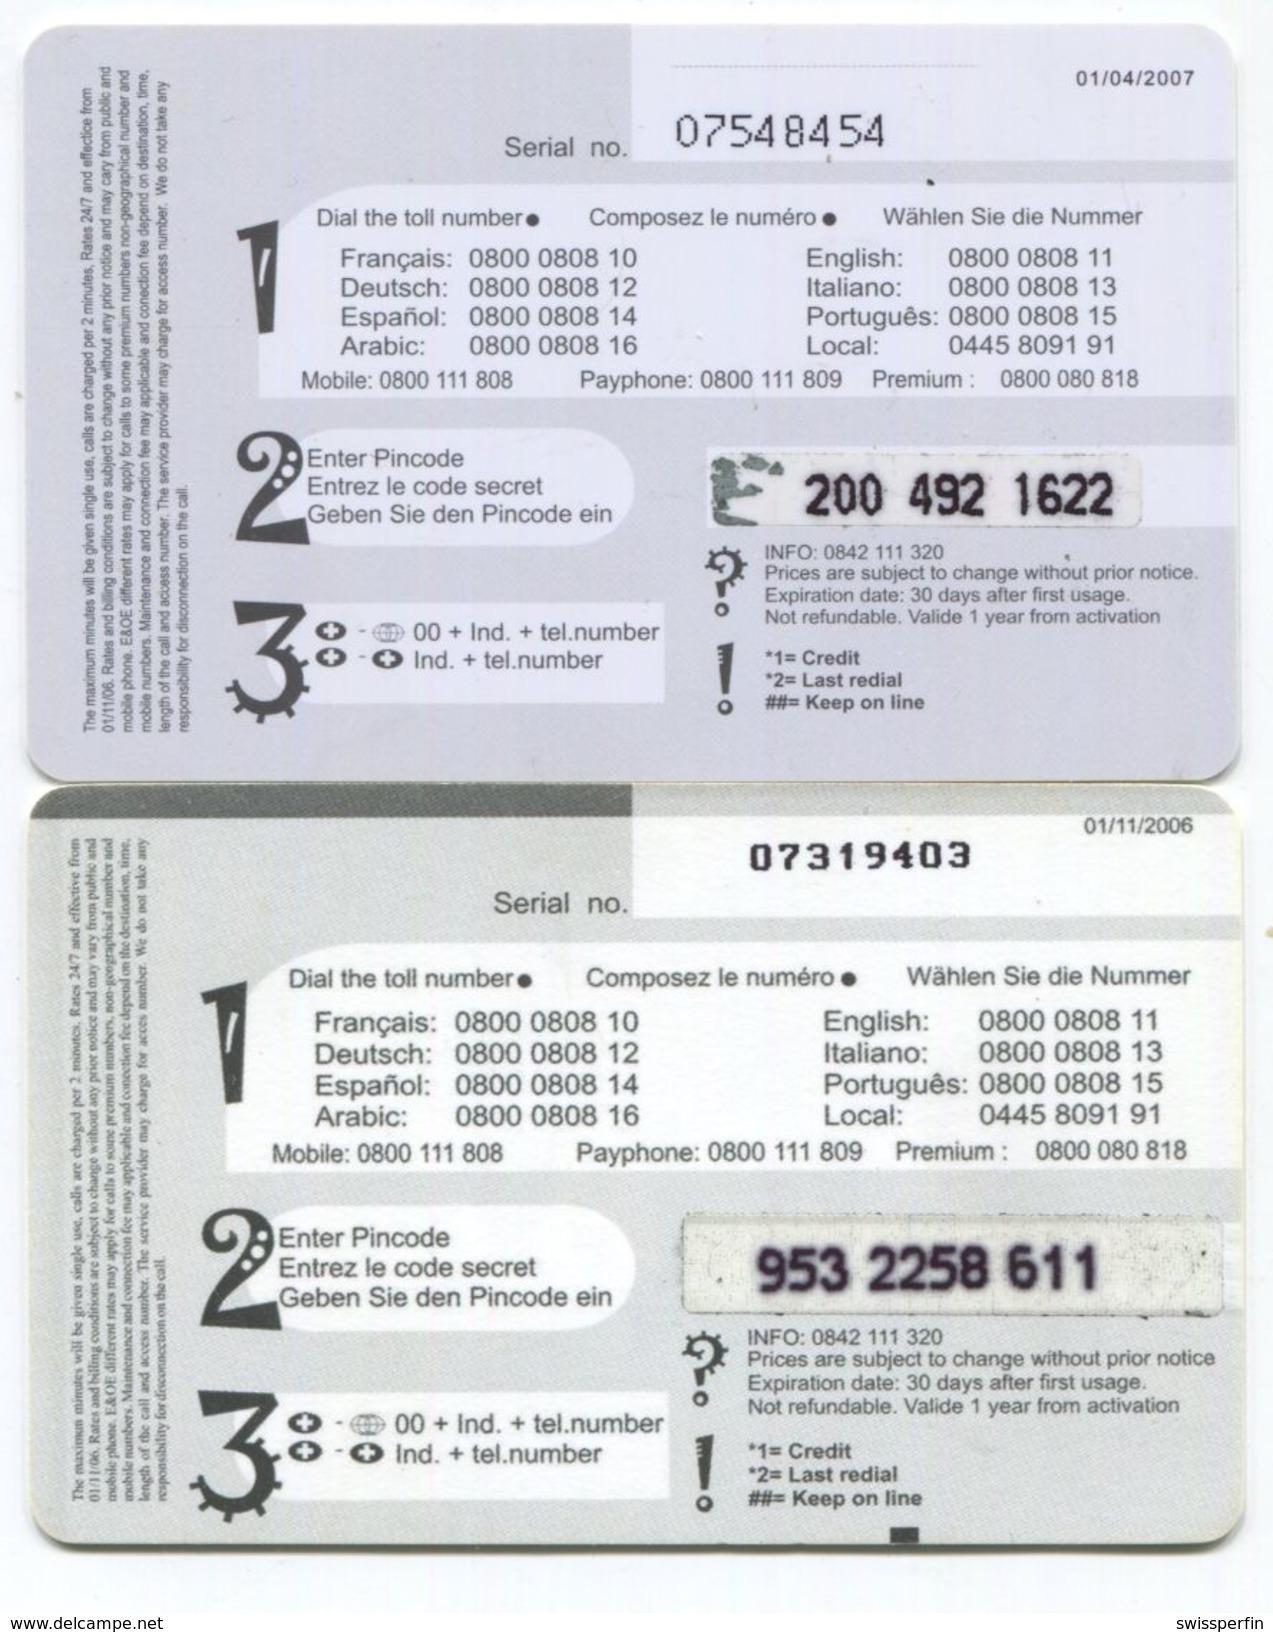 1674 - Service Clientele 7/7 2 X 10 CHF Prepaid Telefonkarten - Schweiz